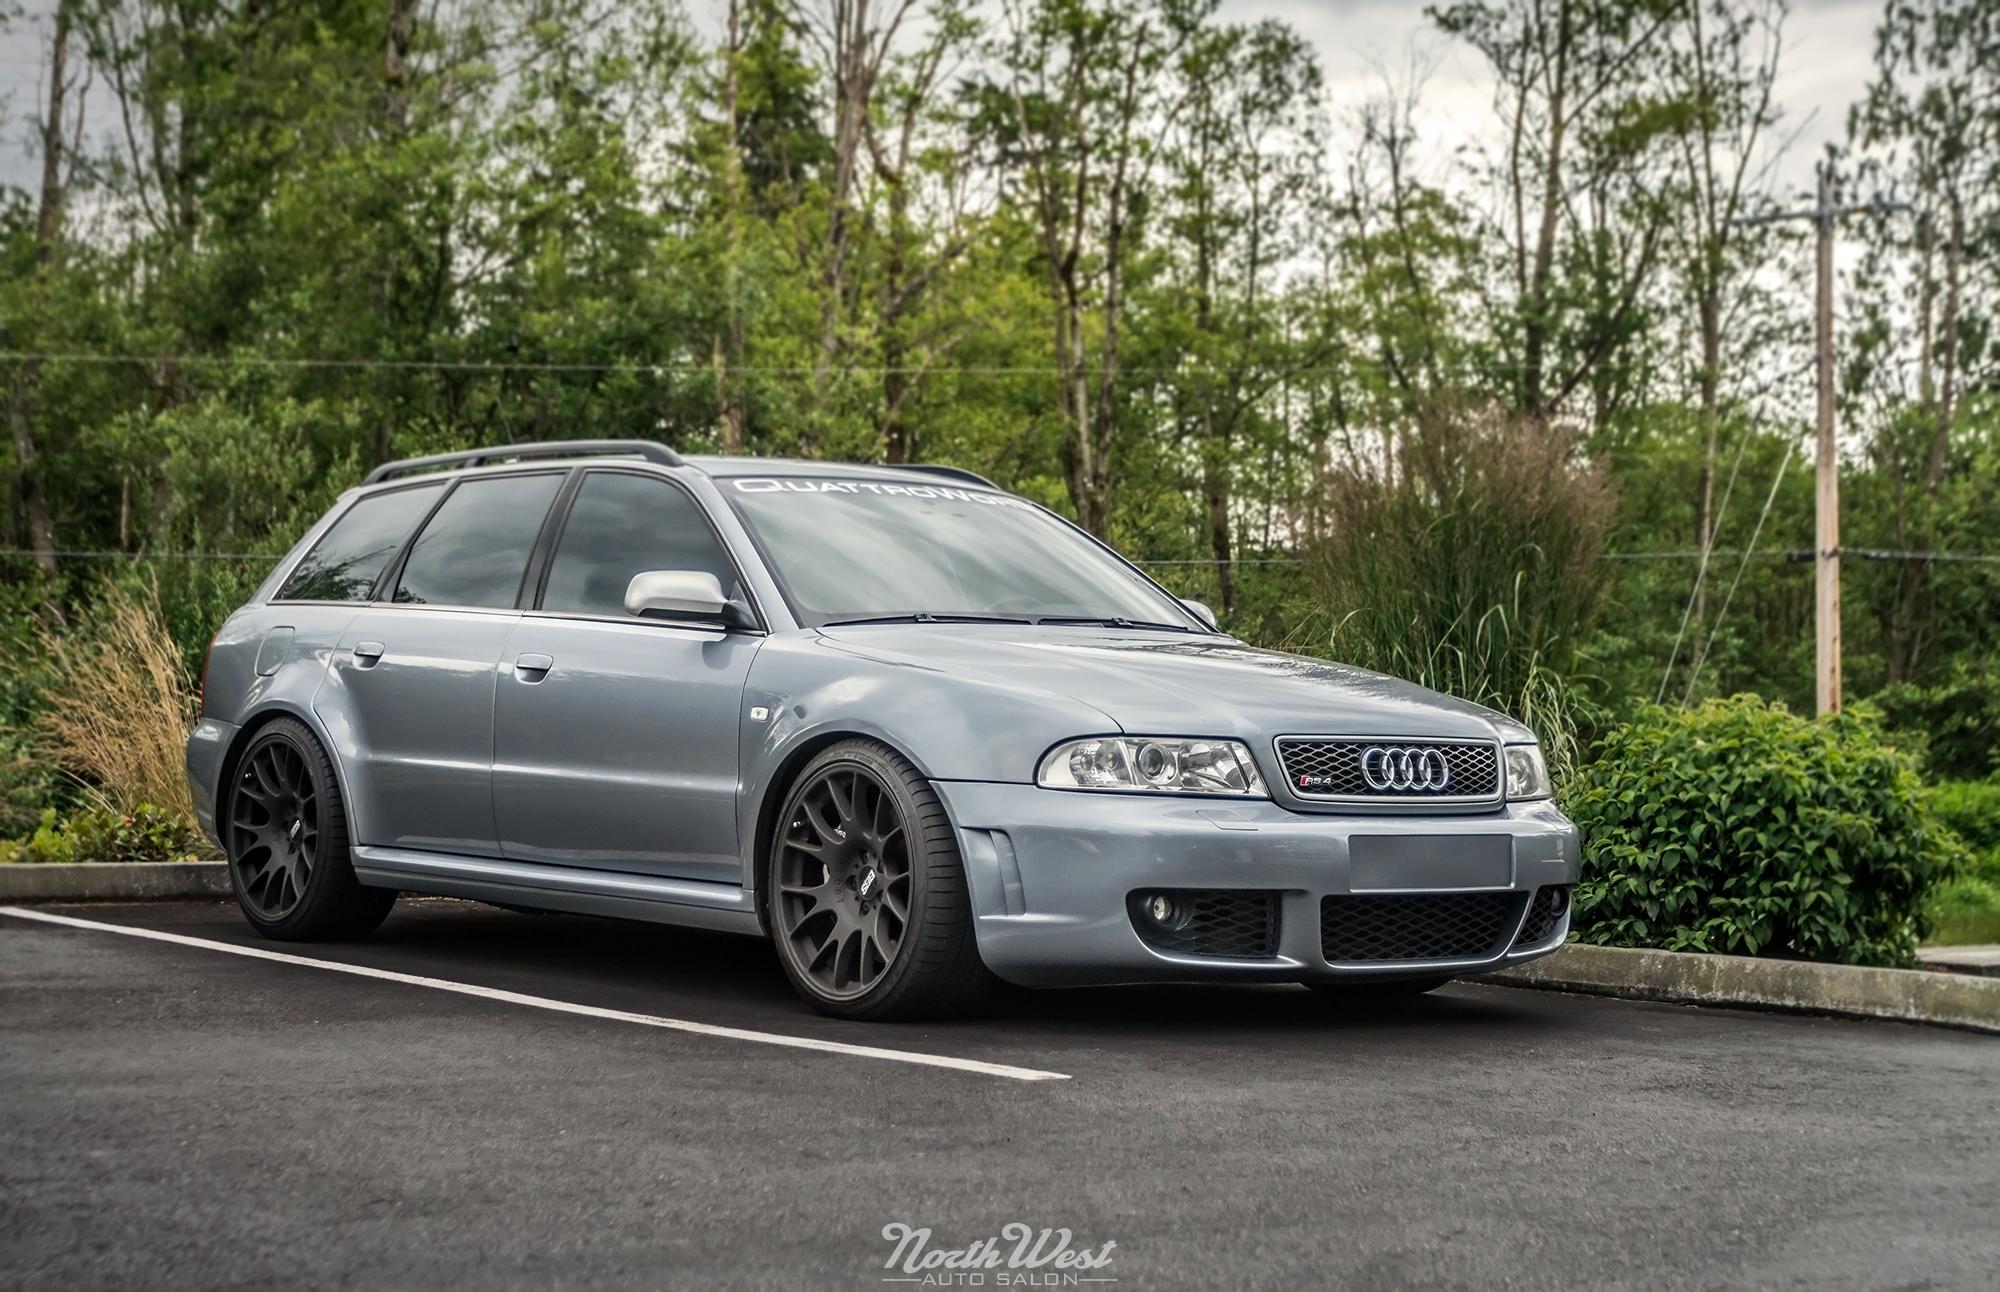 So... Yeah... QuattroWorld-Audi-RS4-Avant-Rare-Wagon-Detail-NWAS-17